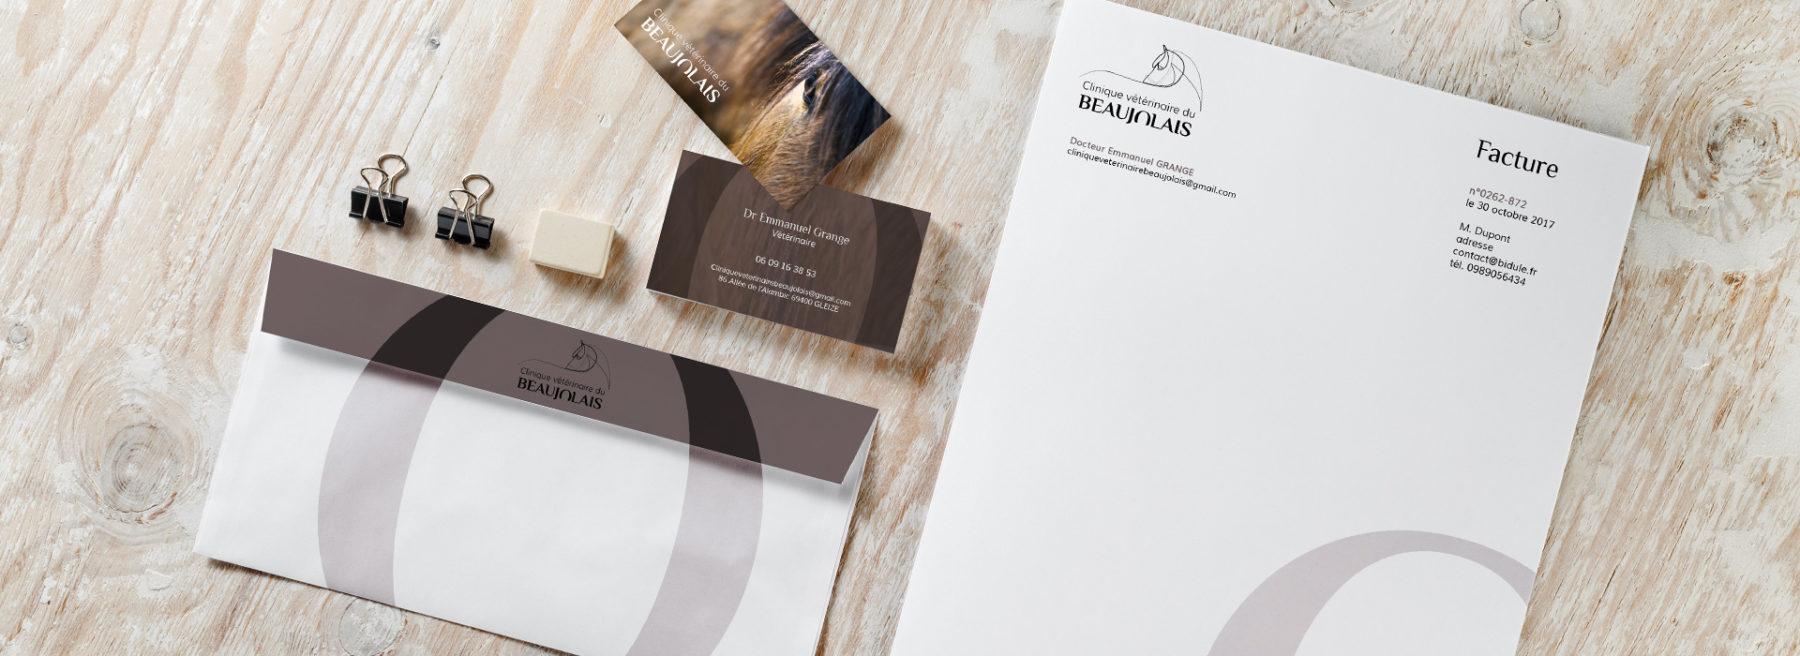 Clinique Vétérinaire du Beaujolais' prints: letterhead, envelope and business card